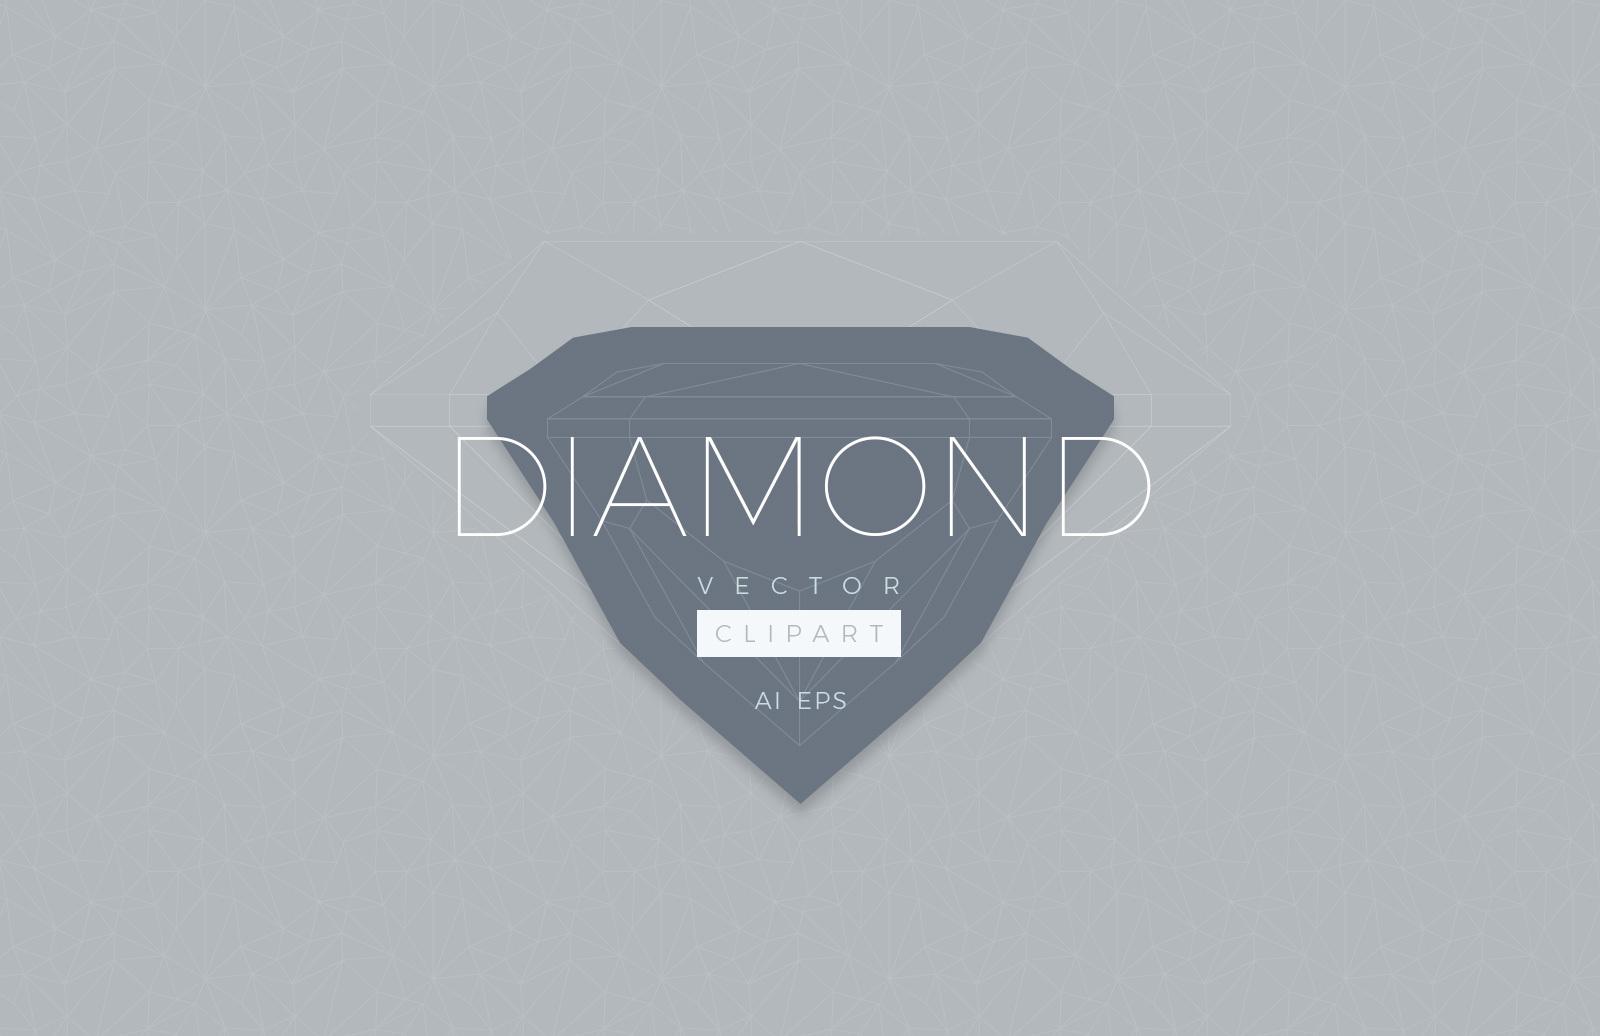 Diamond Vector Clipart Preview 1